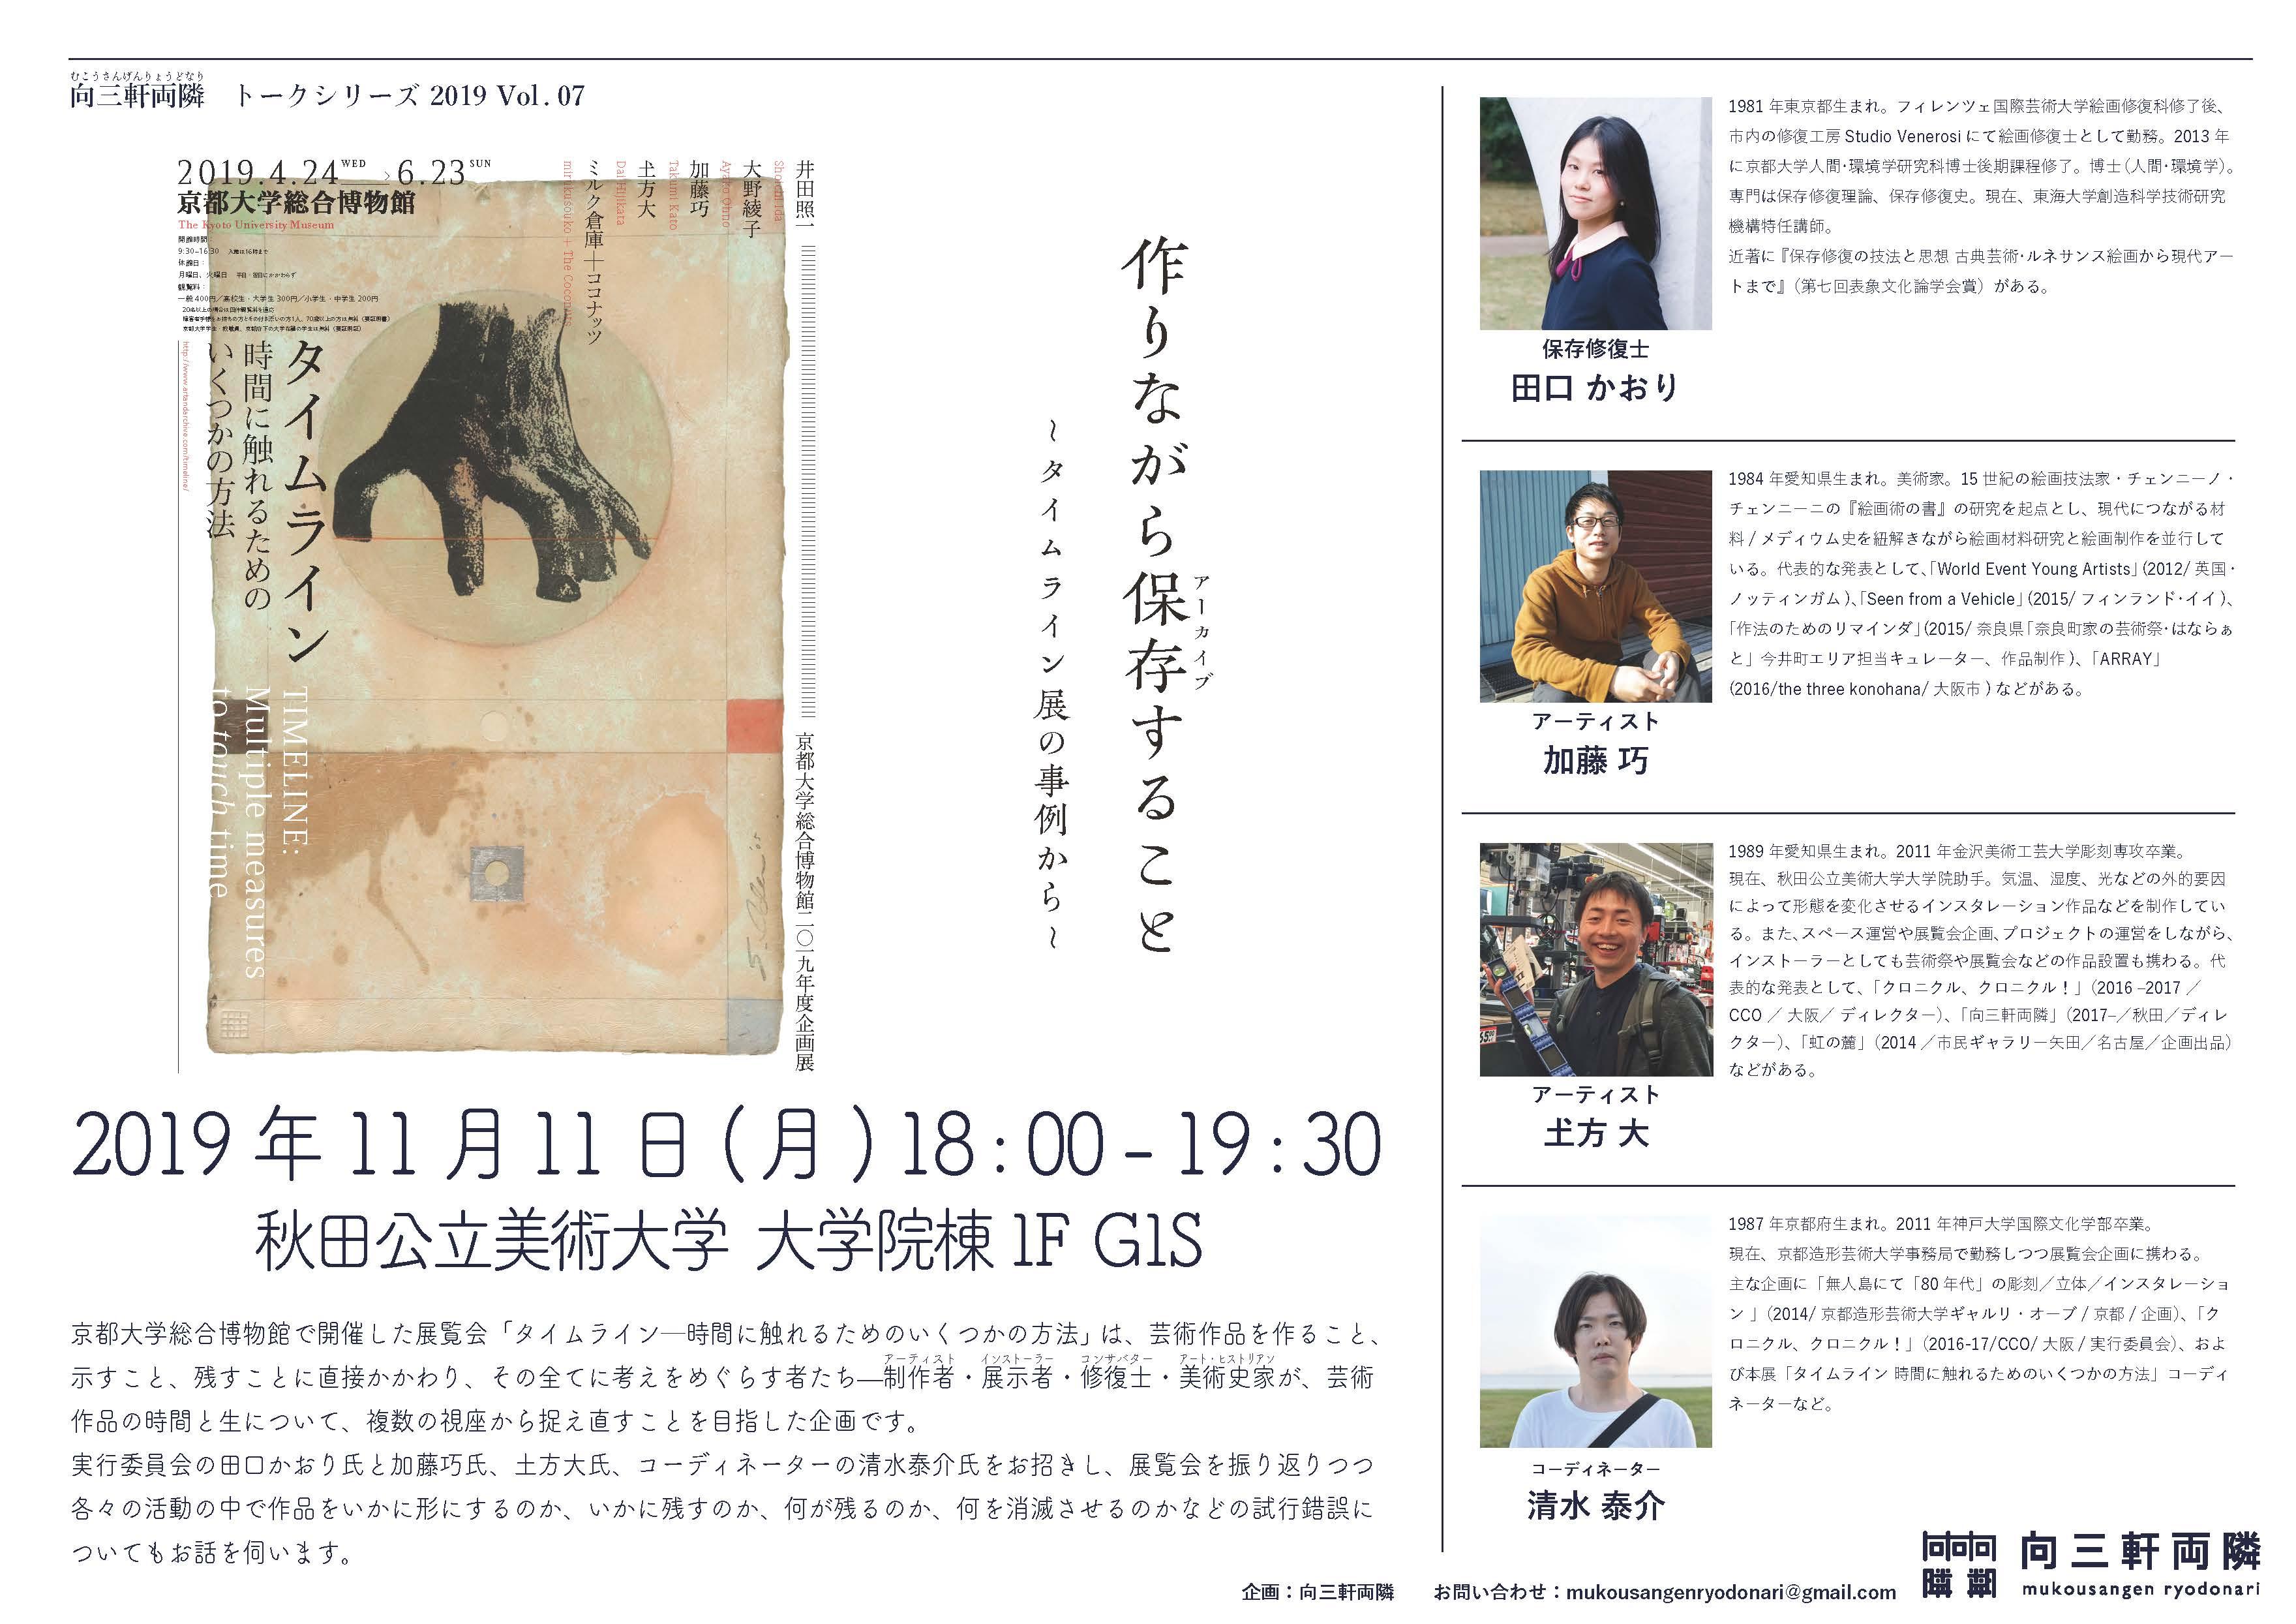 向三軒両隣トークシリーズ2019 Vol.07「作りながら保存すること~タイムライン展の事例から~」(11/11)